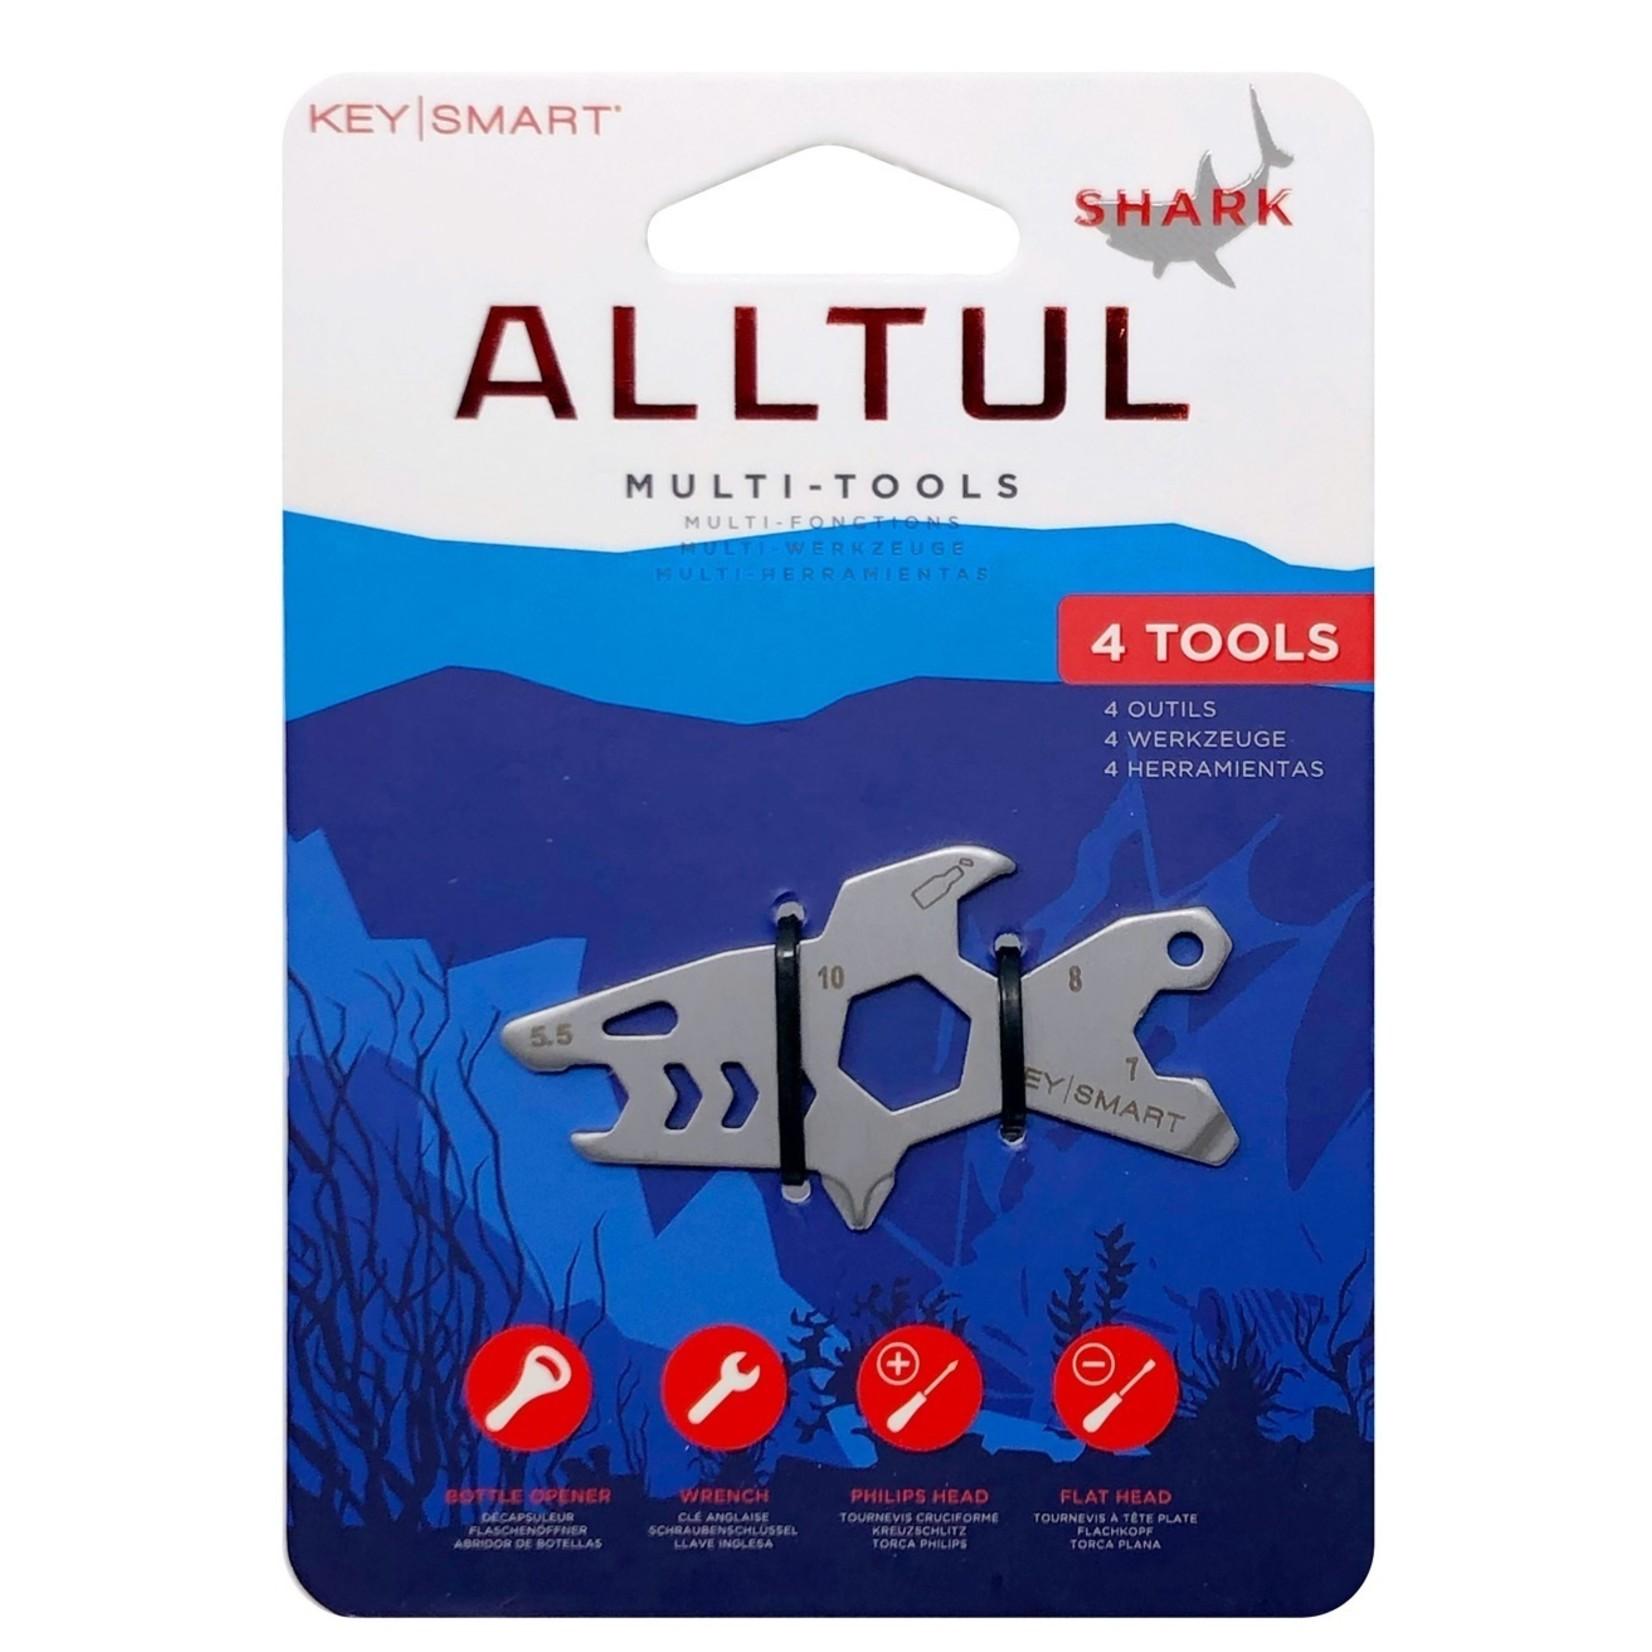 KeySmart KeySmart Alltul multitool Shark